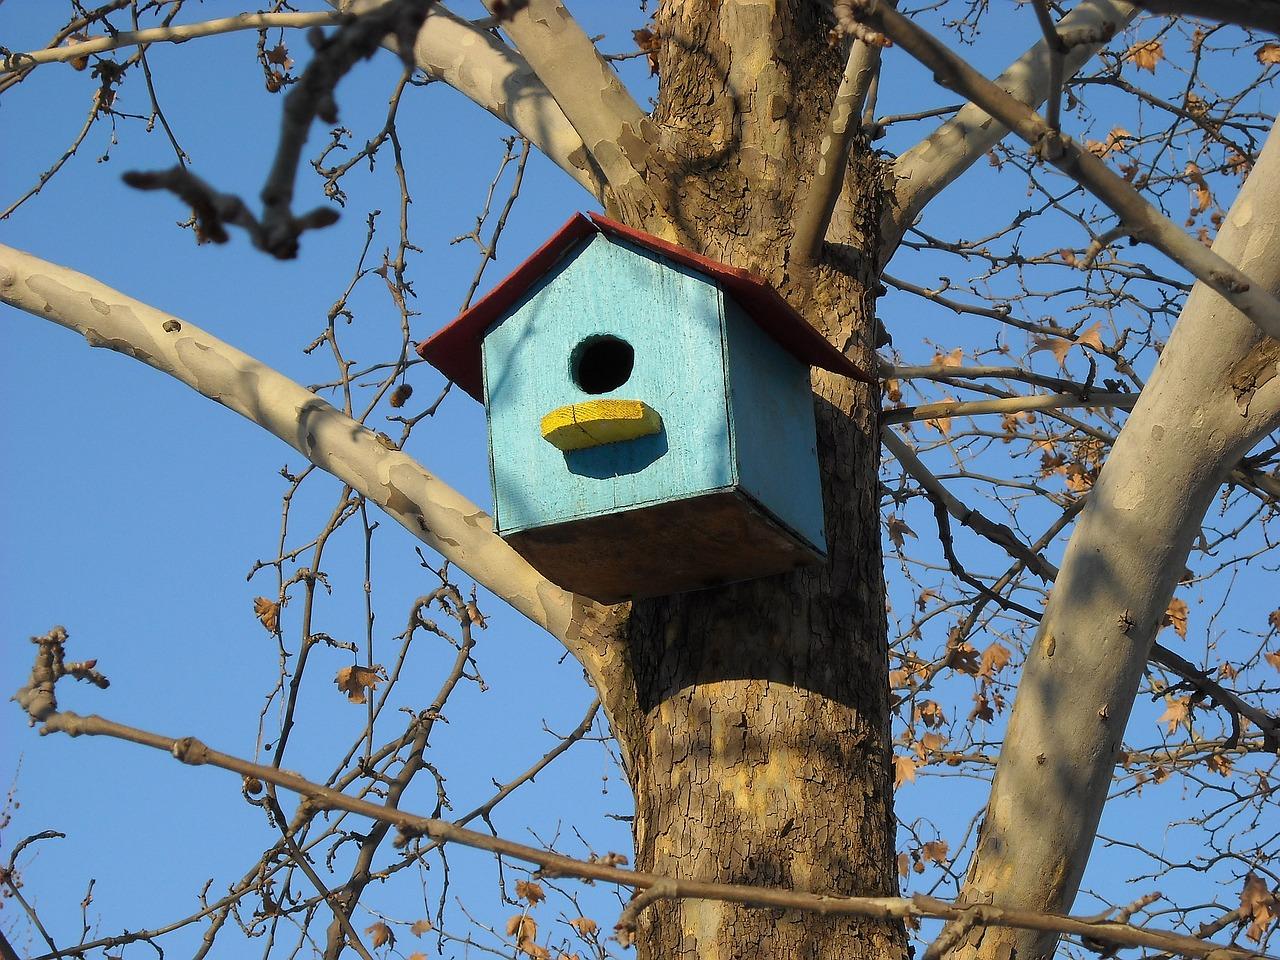 montaż domków dla ptaków